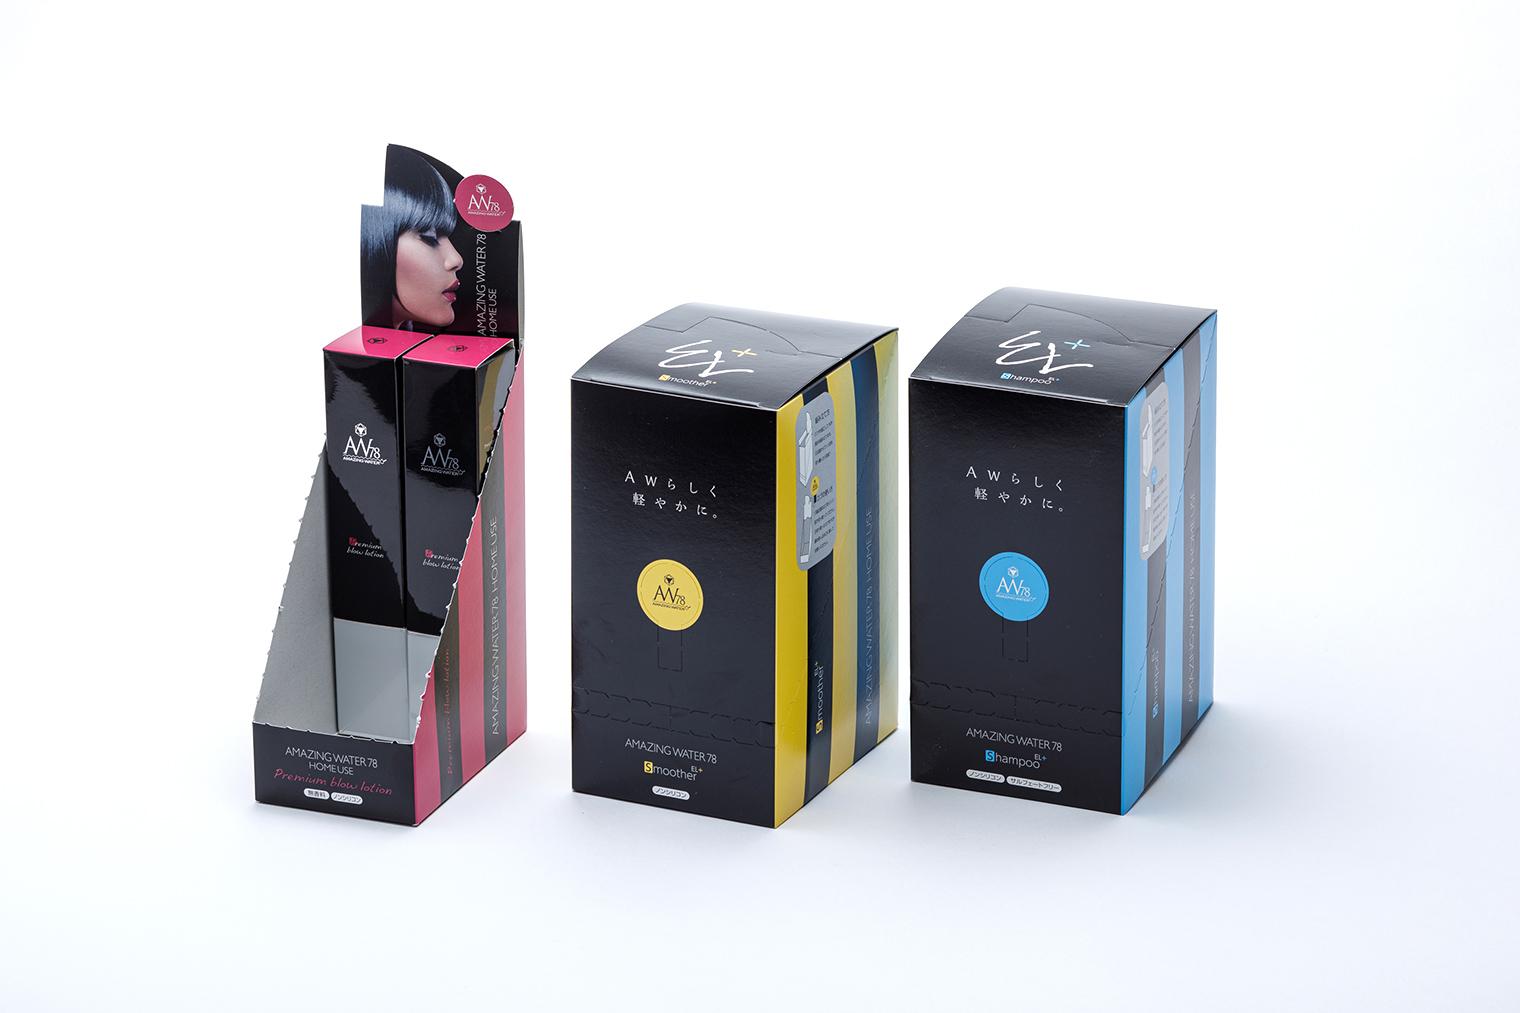 インパクトのあるカラーで存在感を放つパッケージデザイン